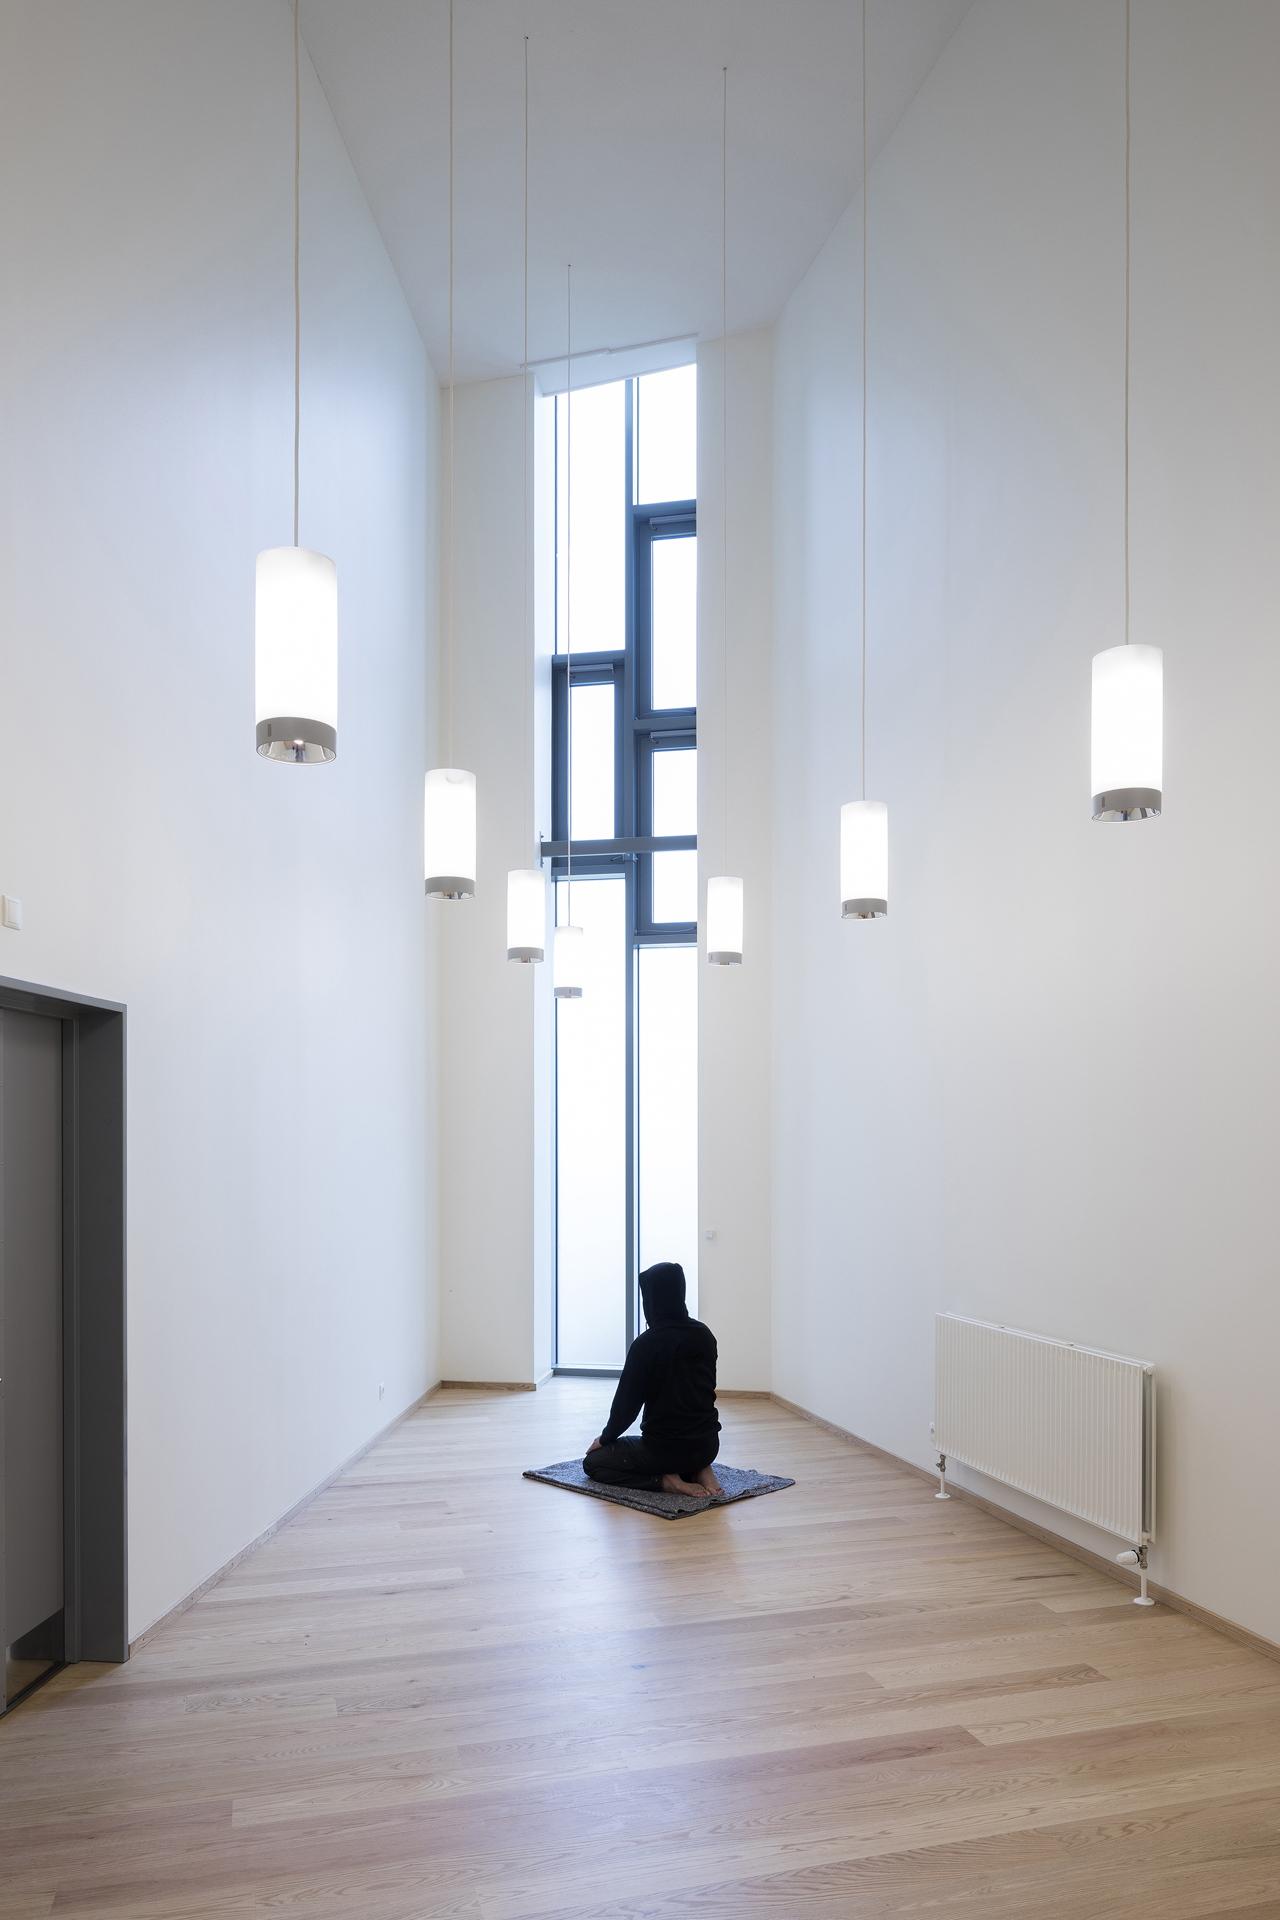 Storstrøm Prison_Ph_Torben Eskerod